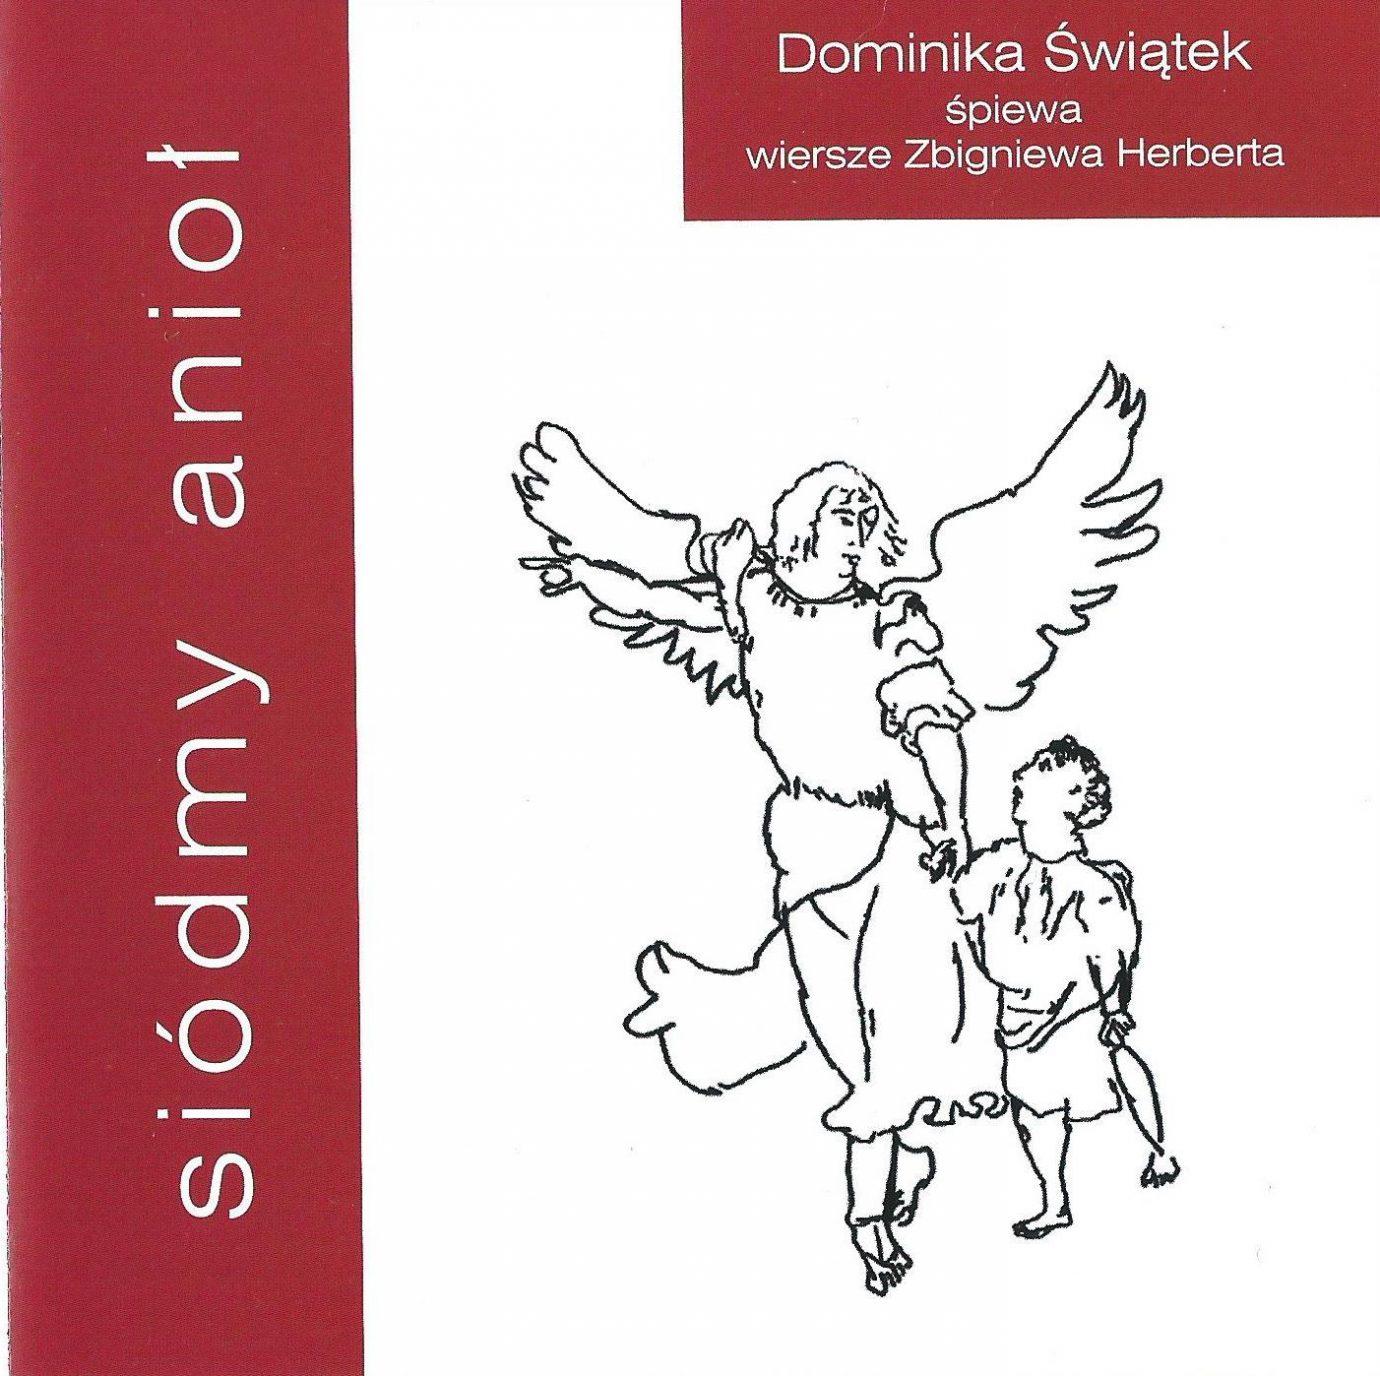 Siódmy Anioł Dominika świątek